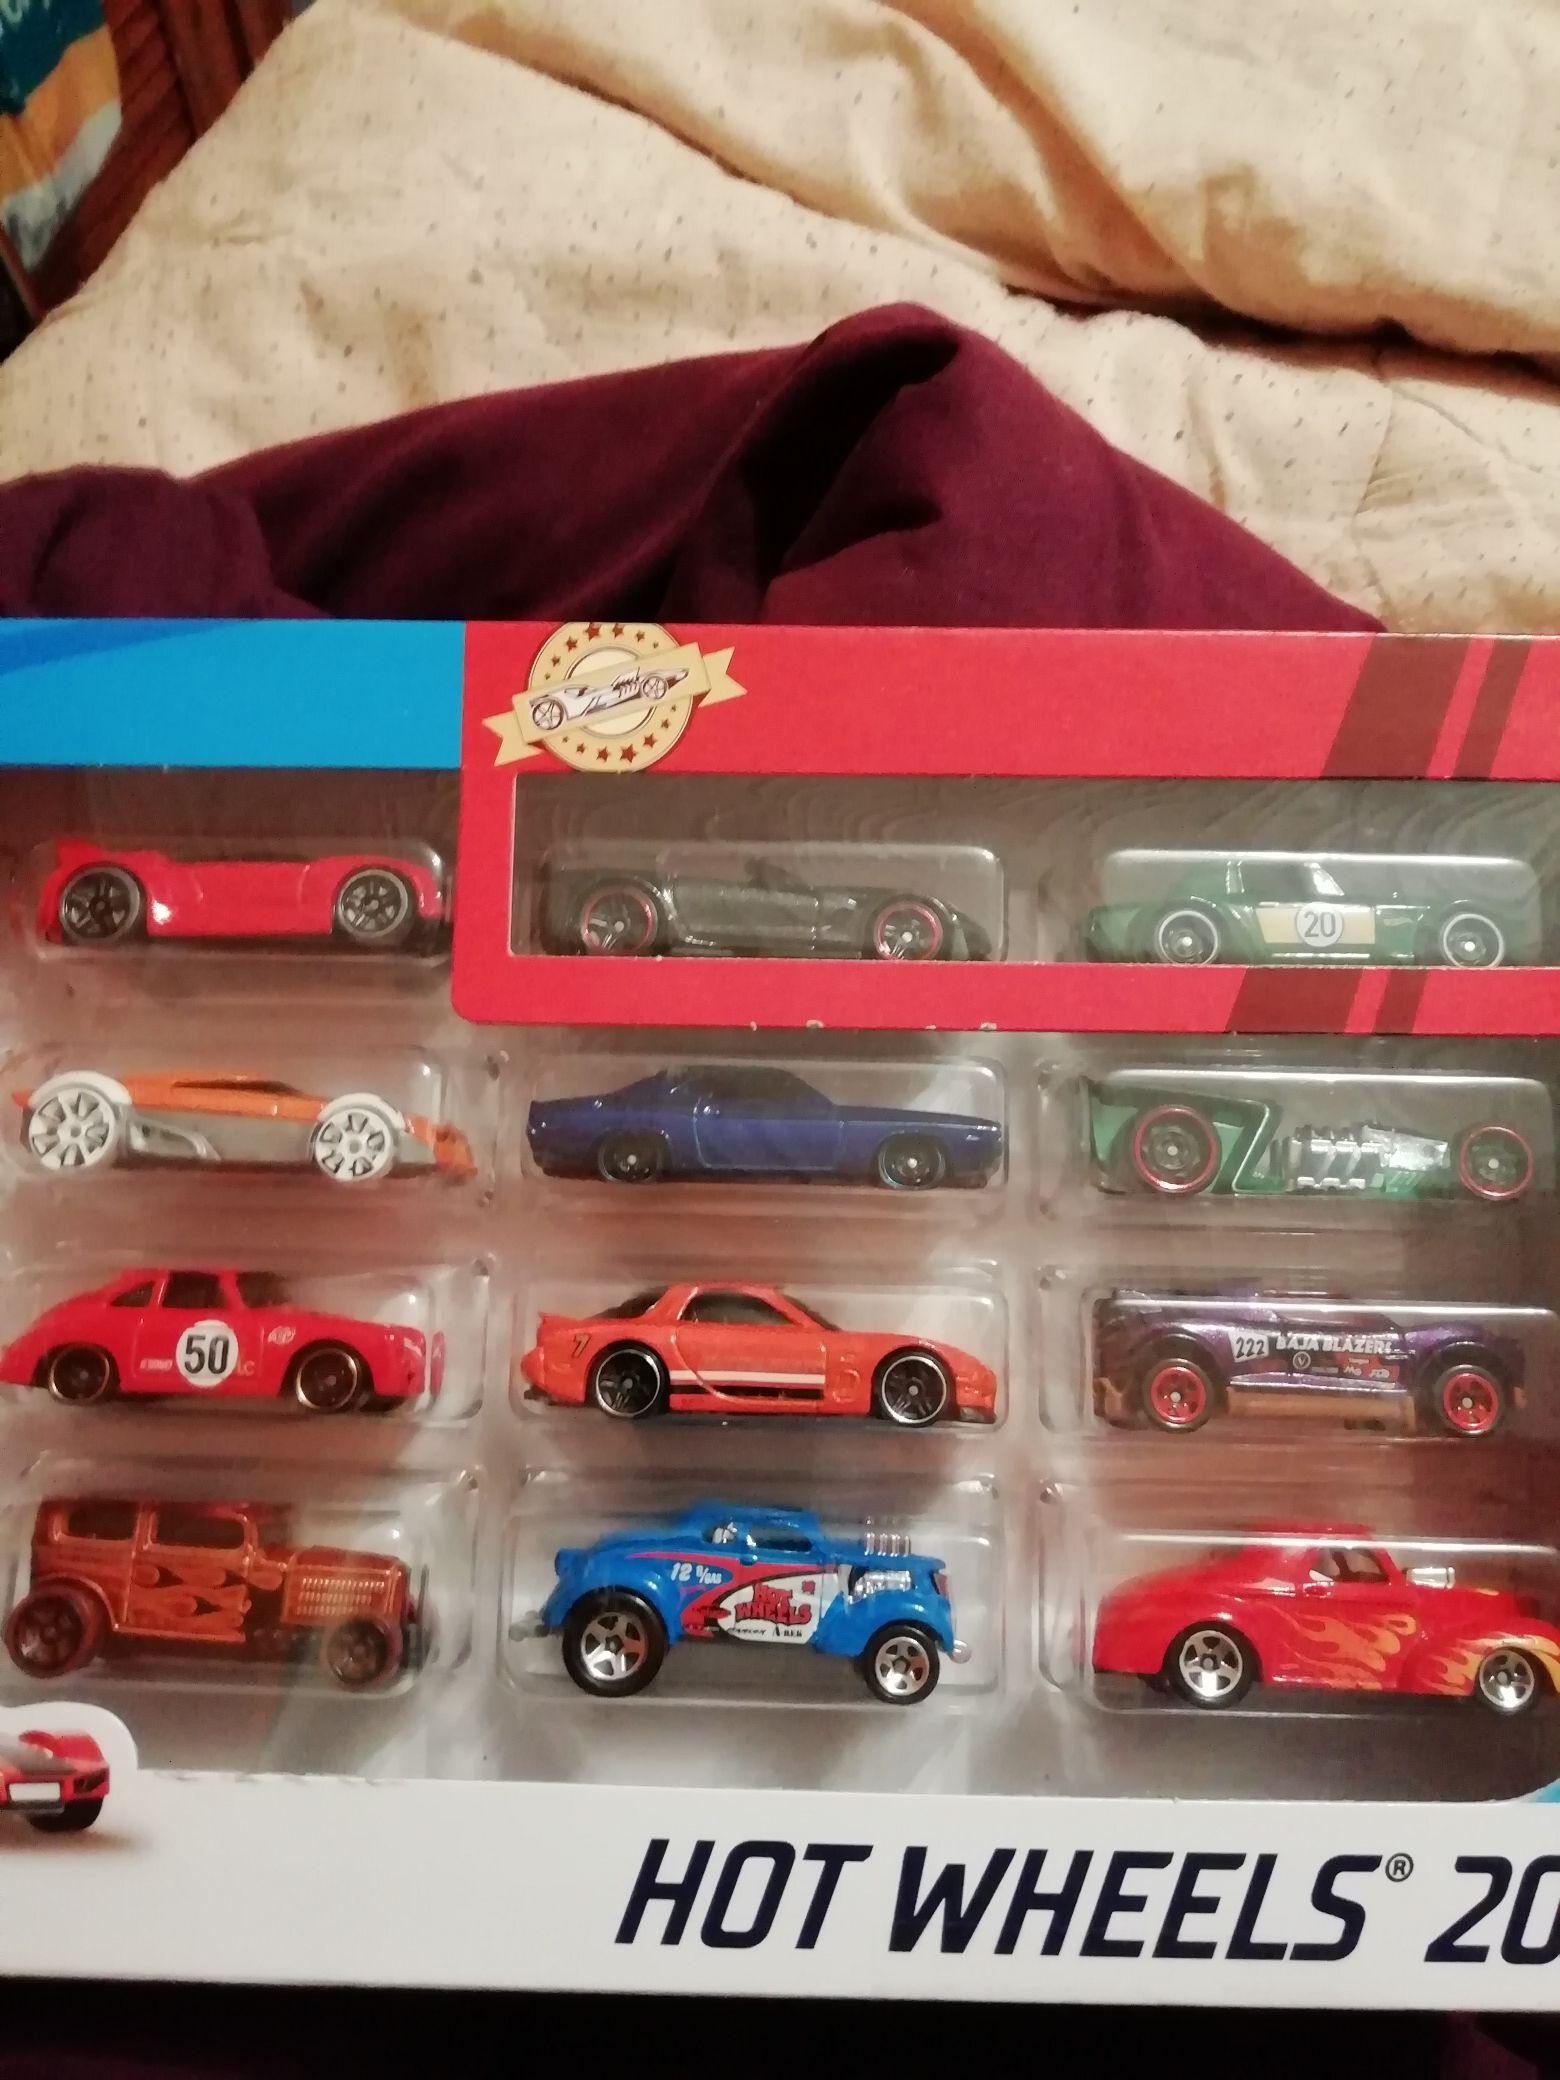 Hot Wheels 20 pack of cars £12 at Asda Walsall